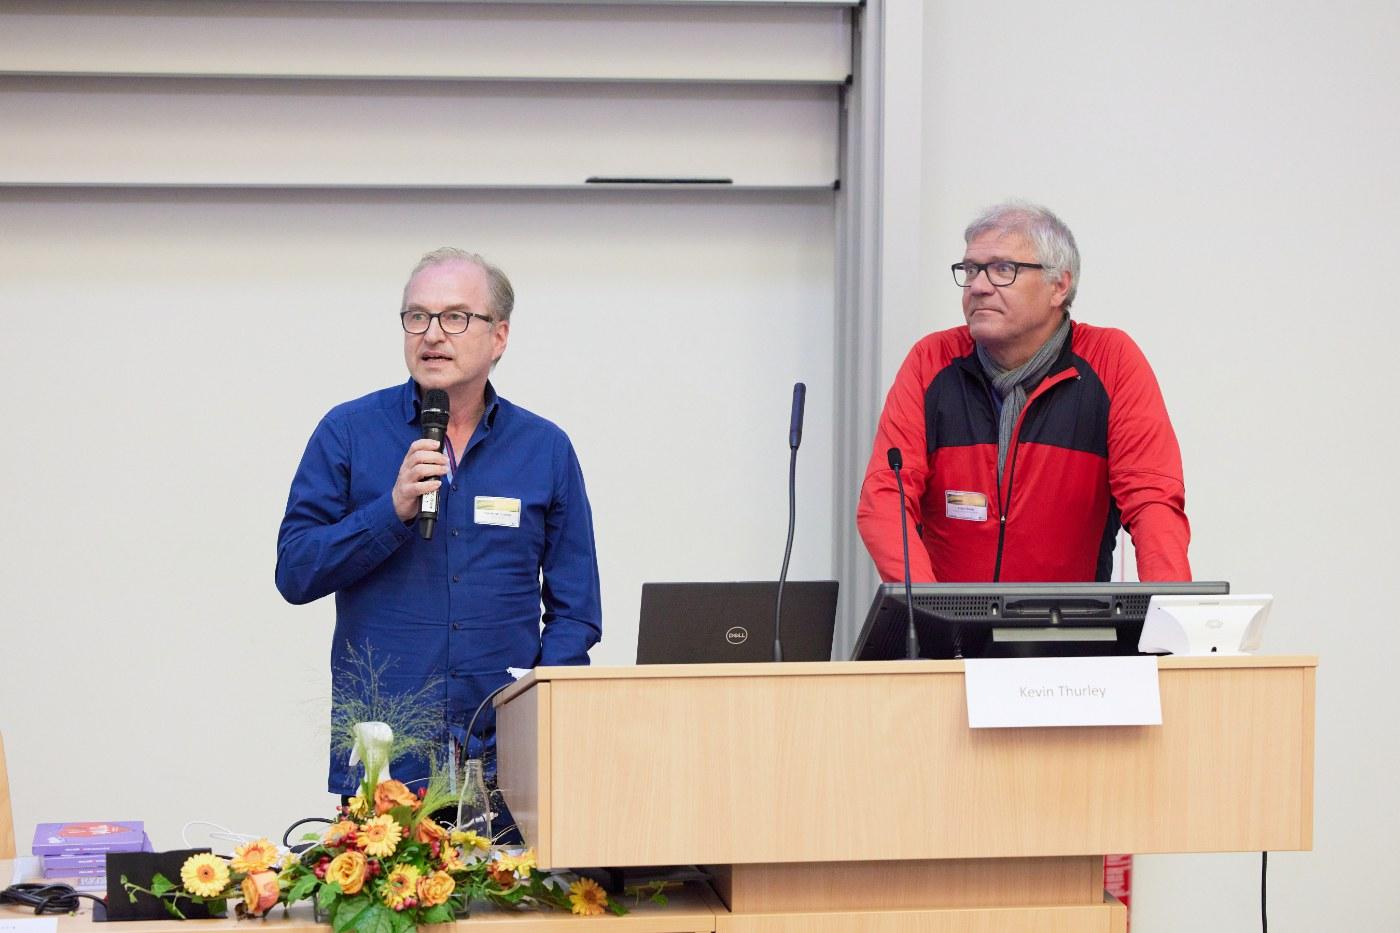 """Prof. Dr. Waldemar Kolanus (Sprecher von ImmunoSensation2 und TRA """"Life and Health"""") und Prof. Dr. Anton Bovier (Sprecher TRA """"Modelling"""") sprachen über die Verknüpfung der Disziplinen."""